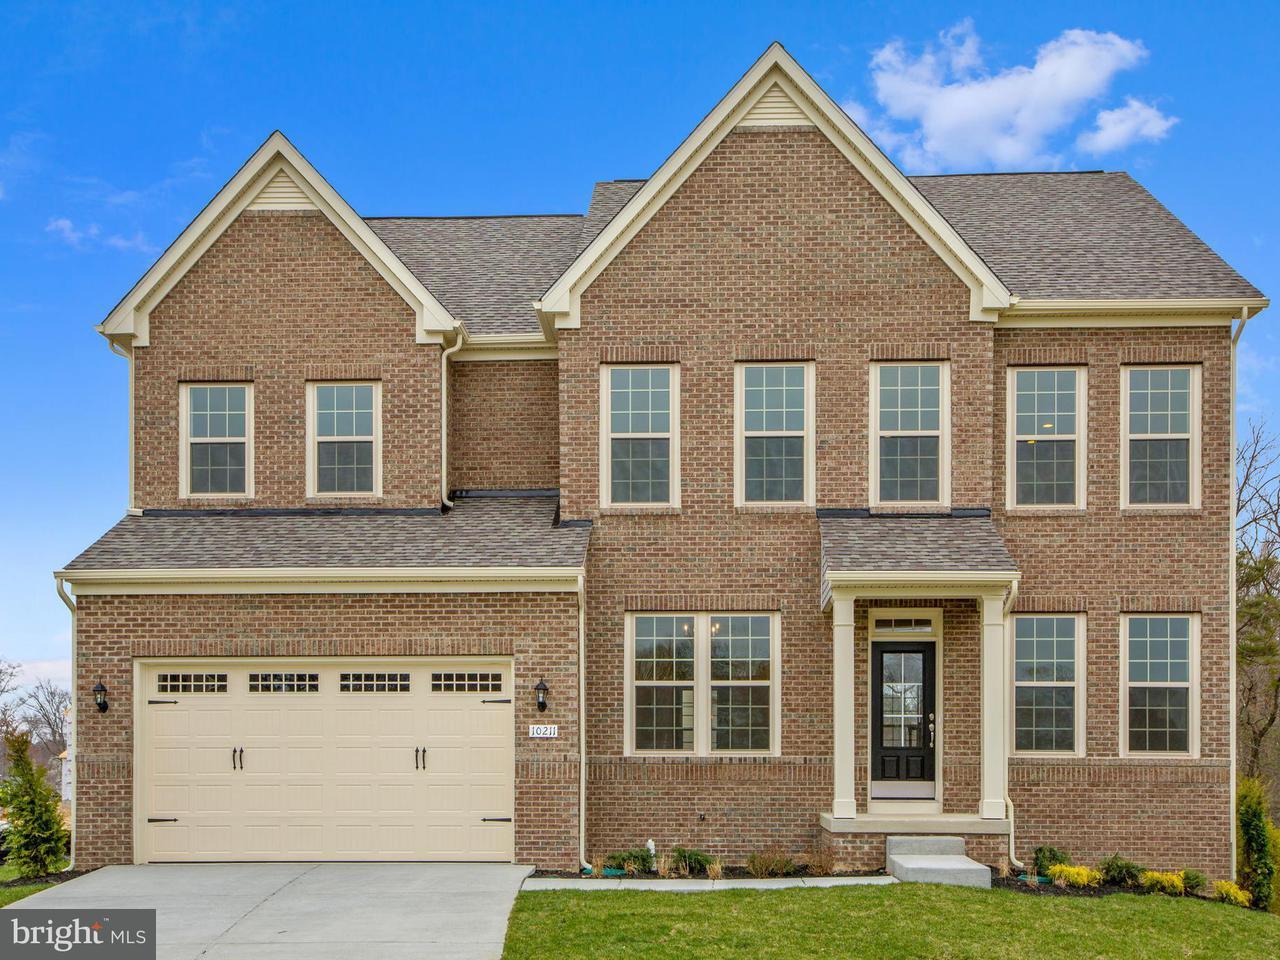 独户住宅 为 销售 在 10211 Galaxy View Lane 10211 Galaxy View Lane Lanham, 马里兰州 20706 美国